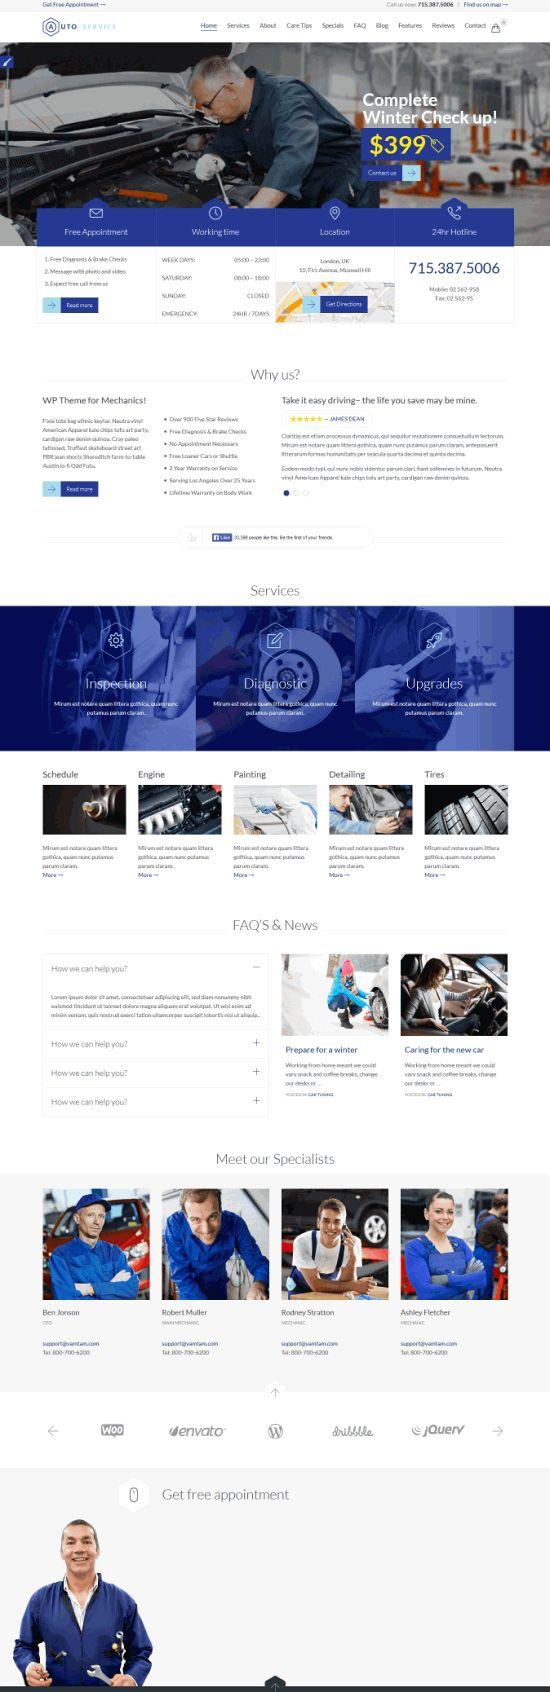 Auto Car Repair Mechanic Shop - многофункциональный шаблон для сайта автосервиса на WordPress